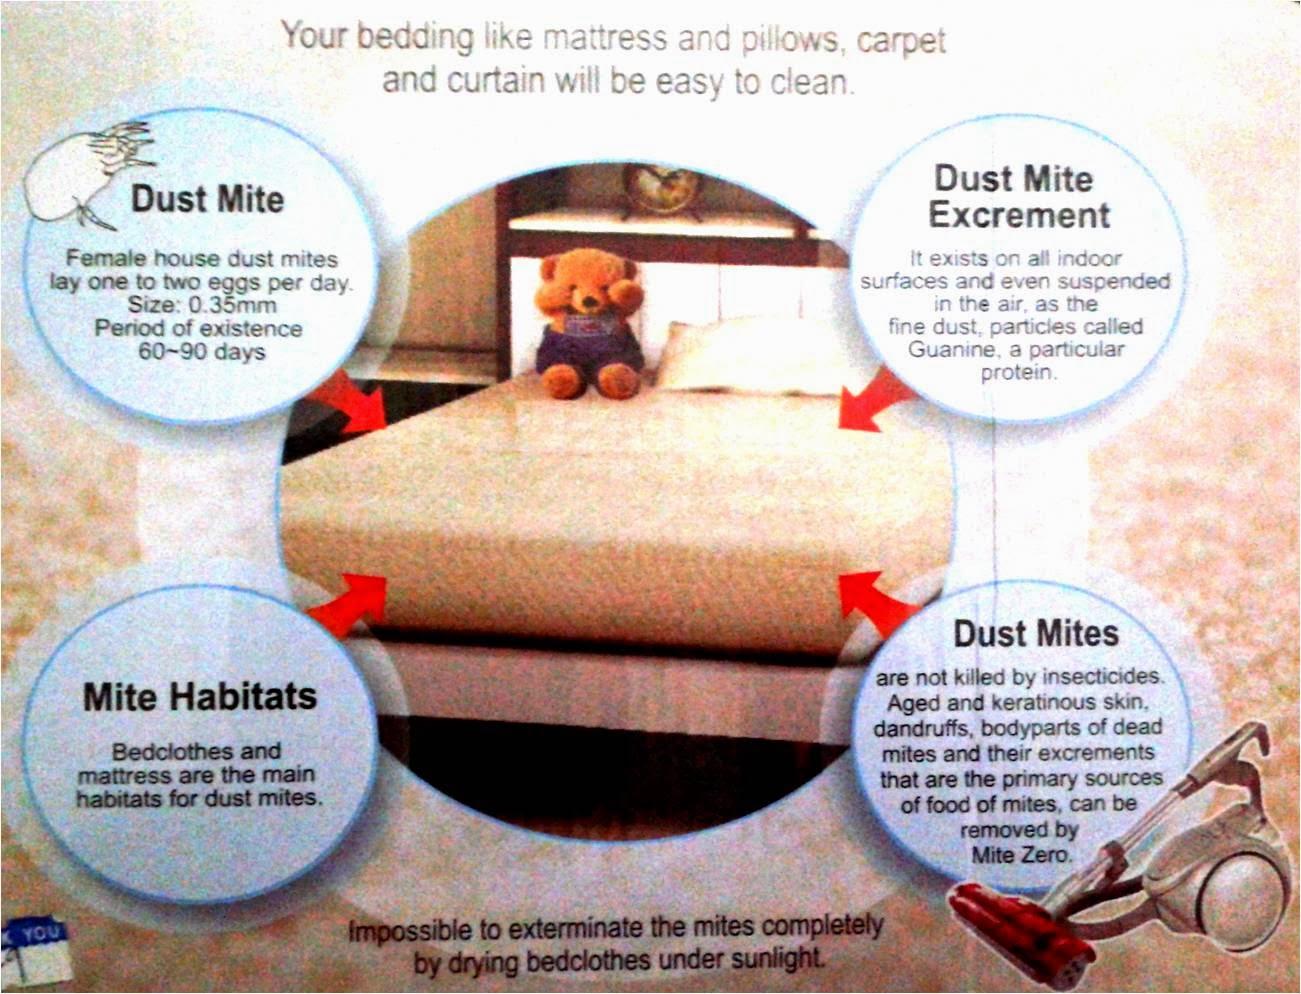 Arft Buy Cheap Online Mite Zero Dust Mite Vacuum Cleaner